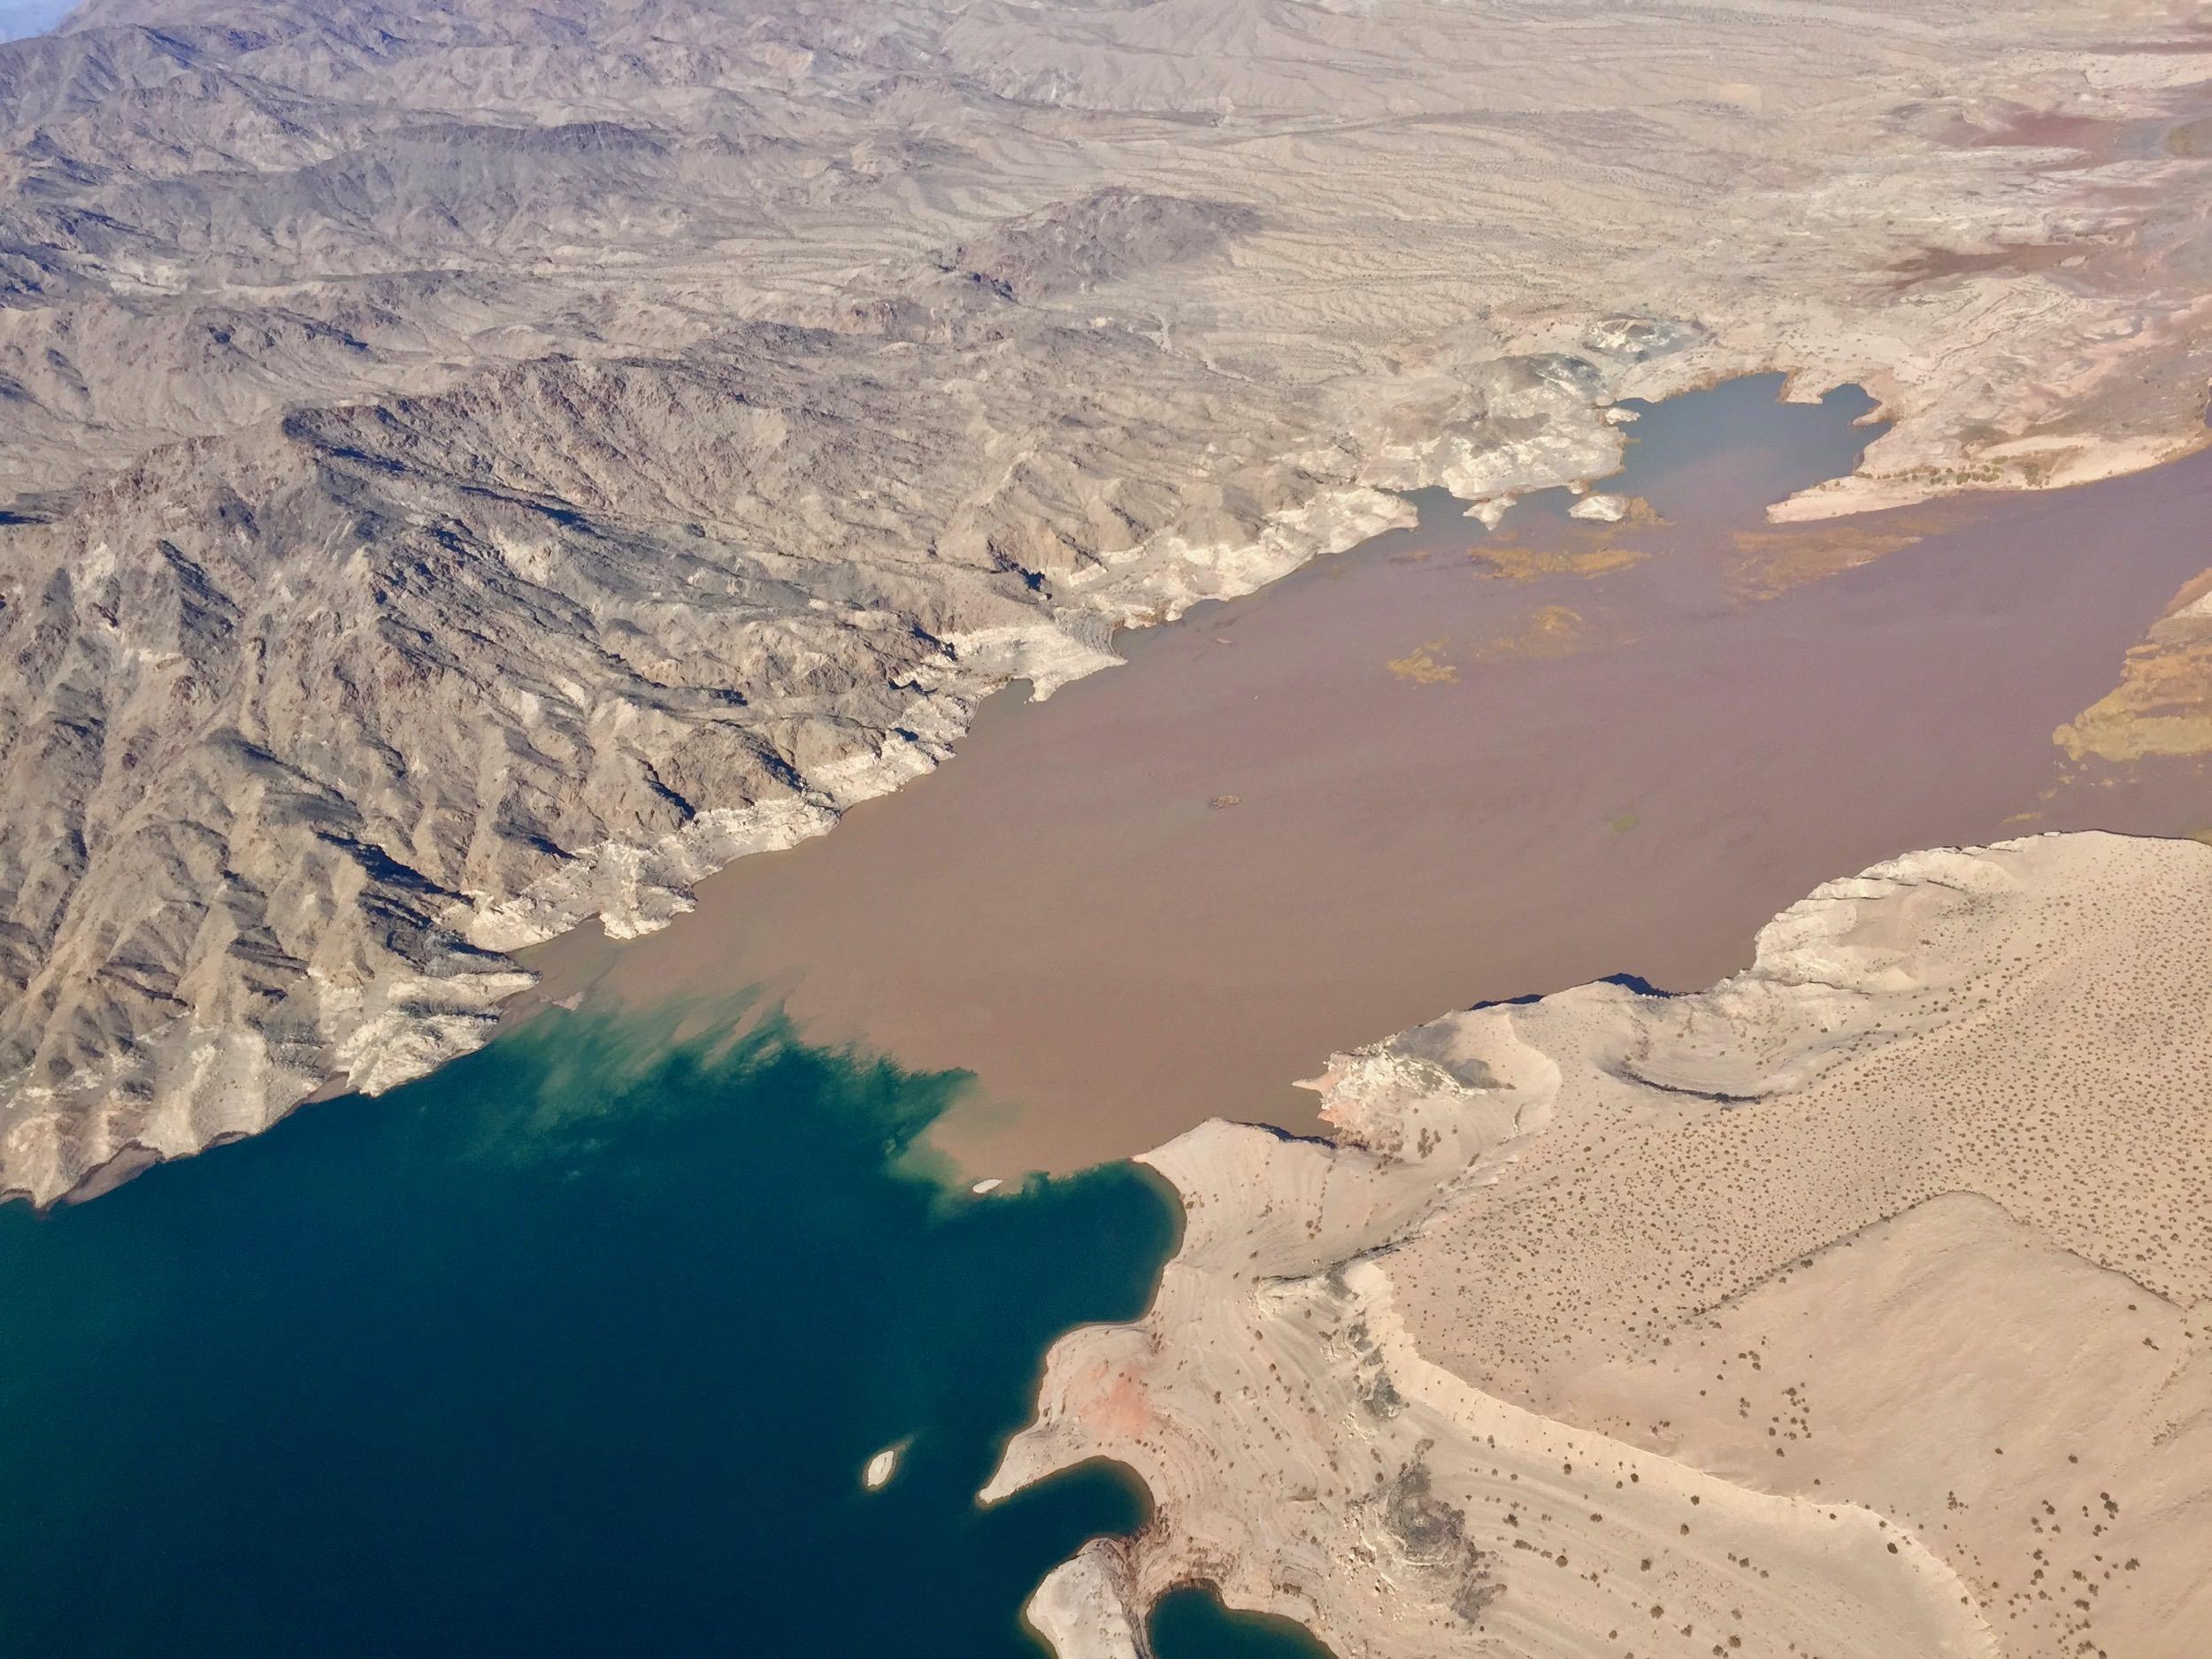 Вода реки Колорадо встречается с водой озера Мид